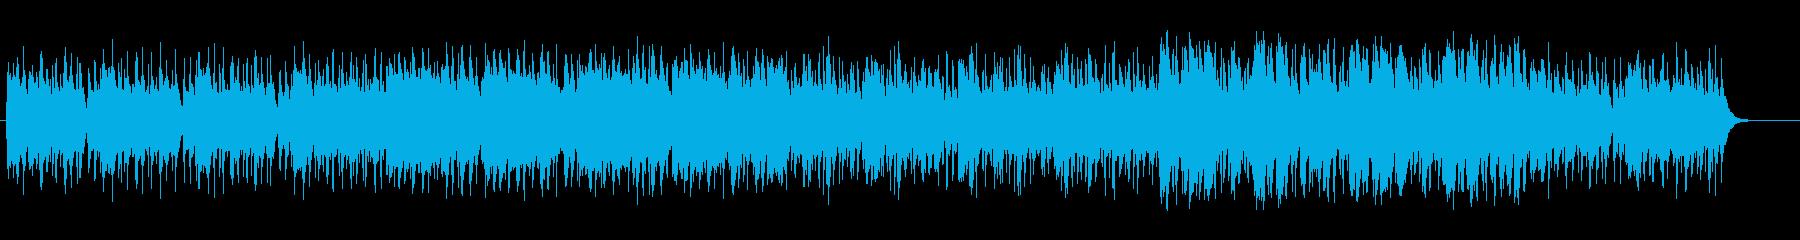 緊張が漂う激しいテクノの再生済みの波形